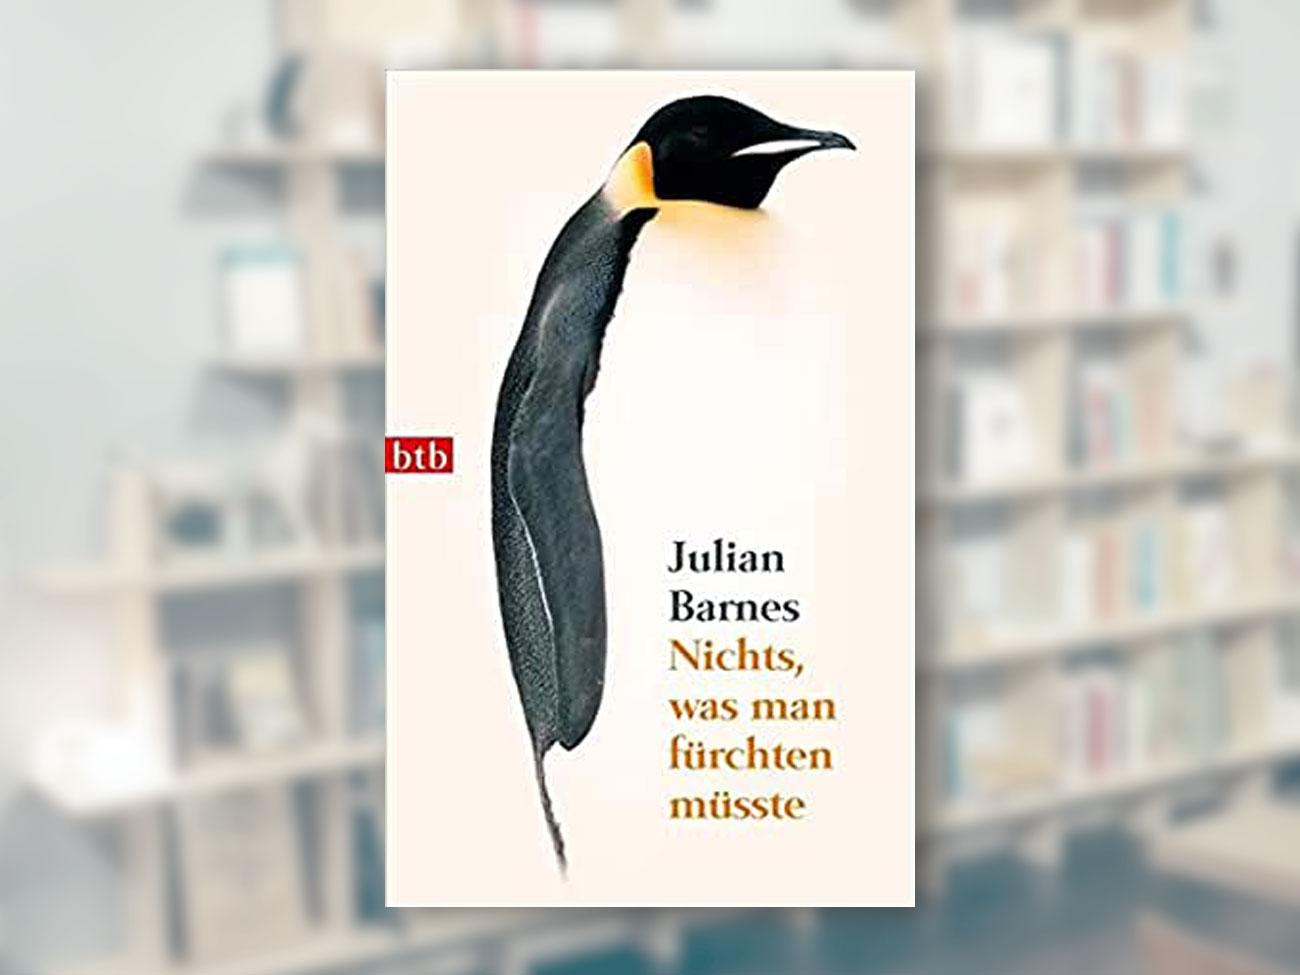 Julian Barnes, Nichts, was man fürchten müsste